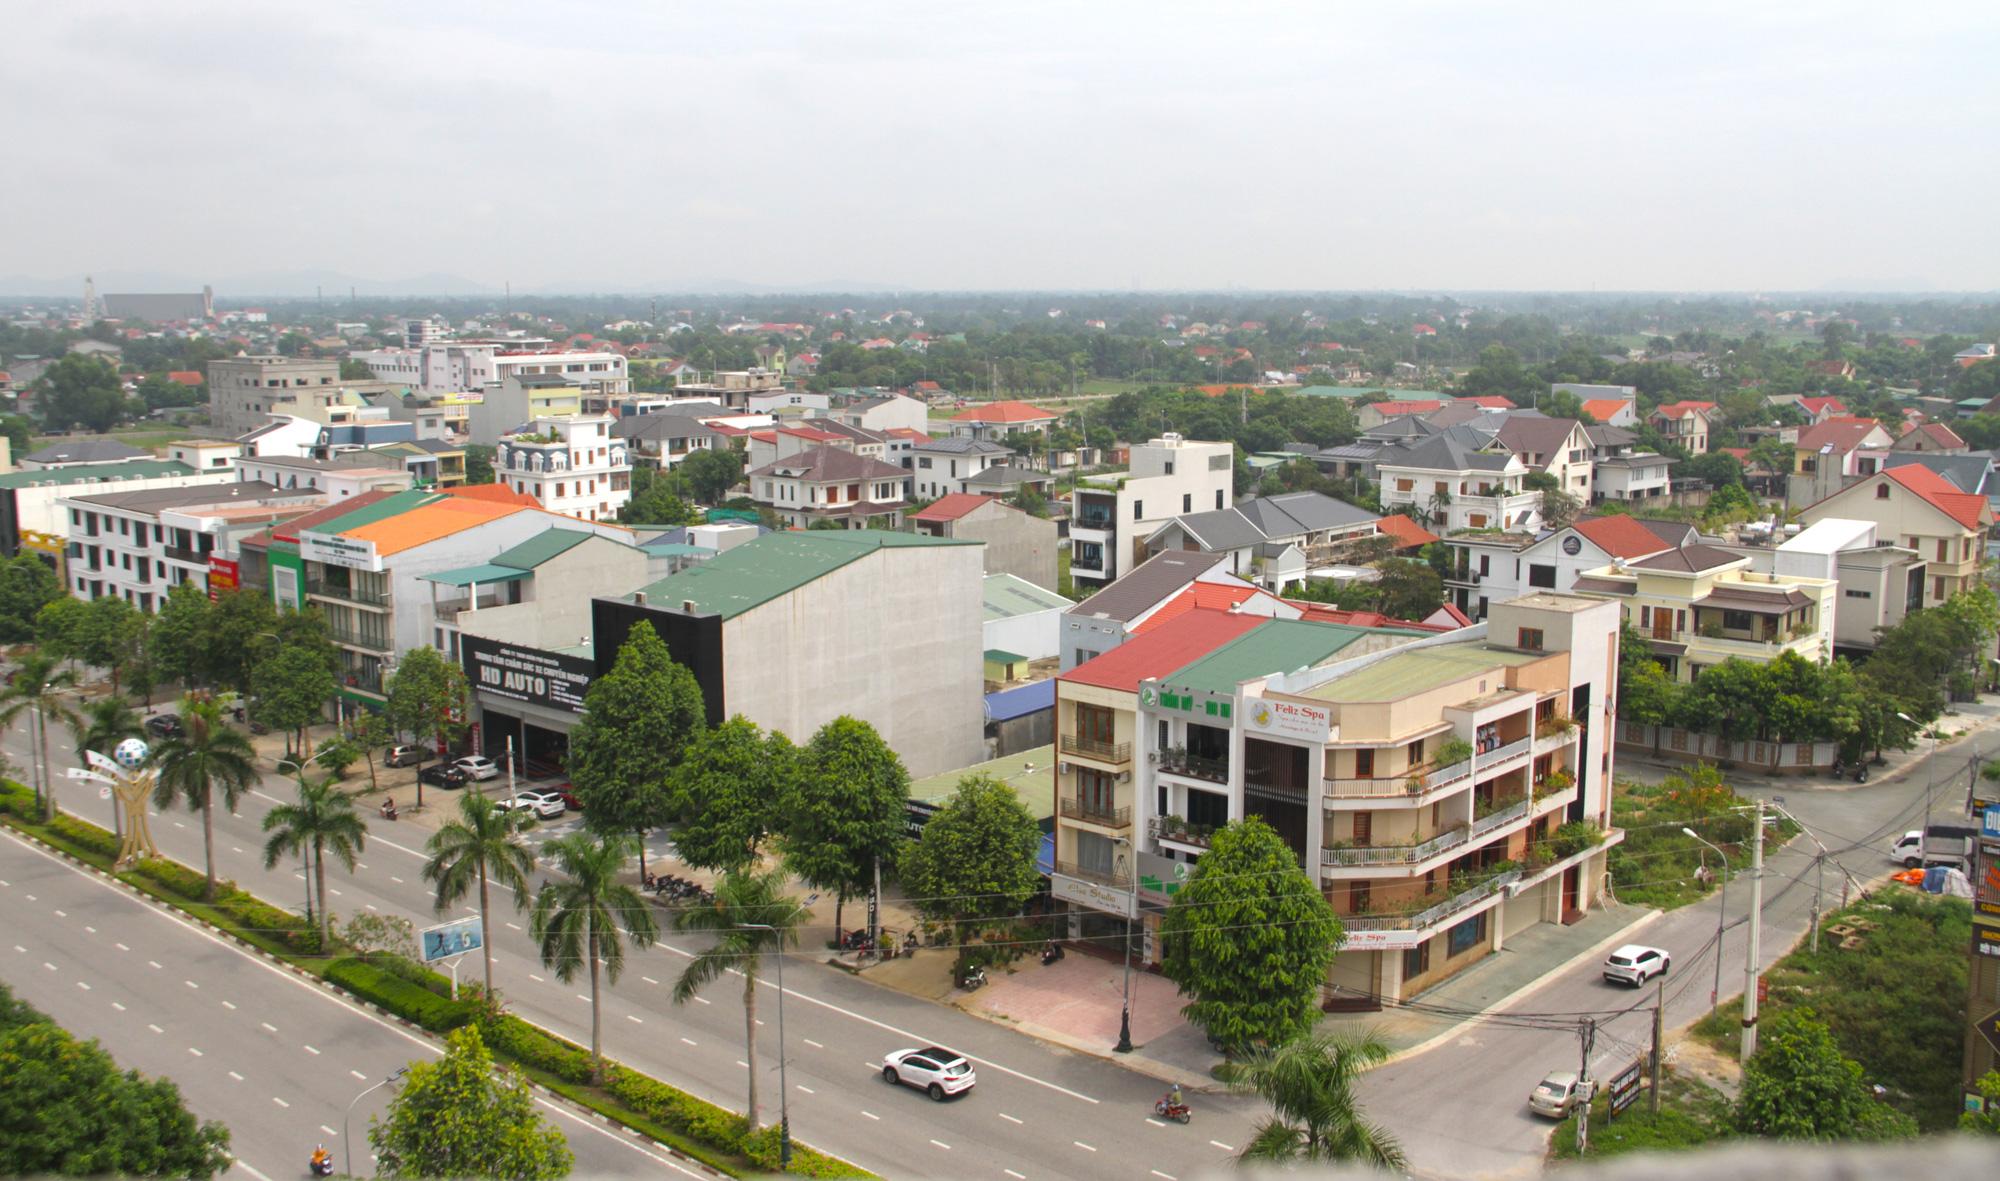 Cận cảnh khu đô thị vip ở Nghệ An khiến 2 vợ chồng đại gia bị bắt giam - Ảnh 9.